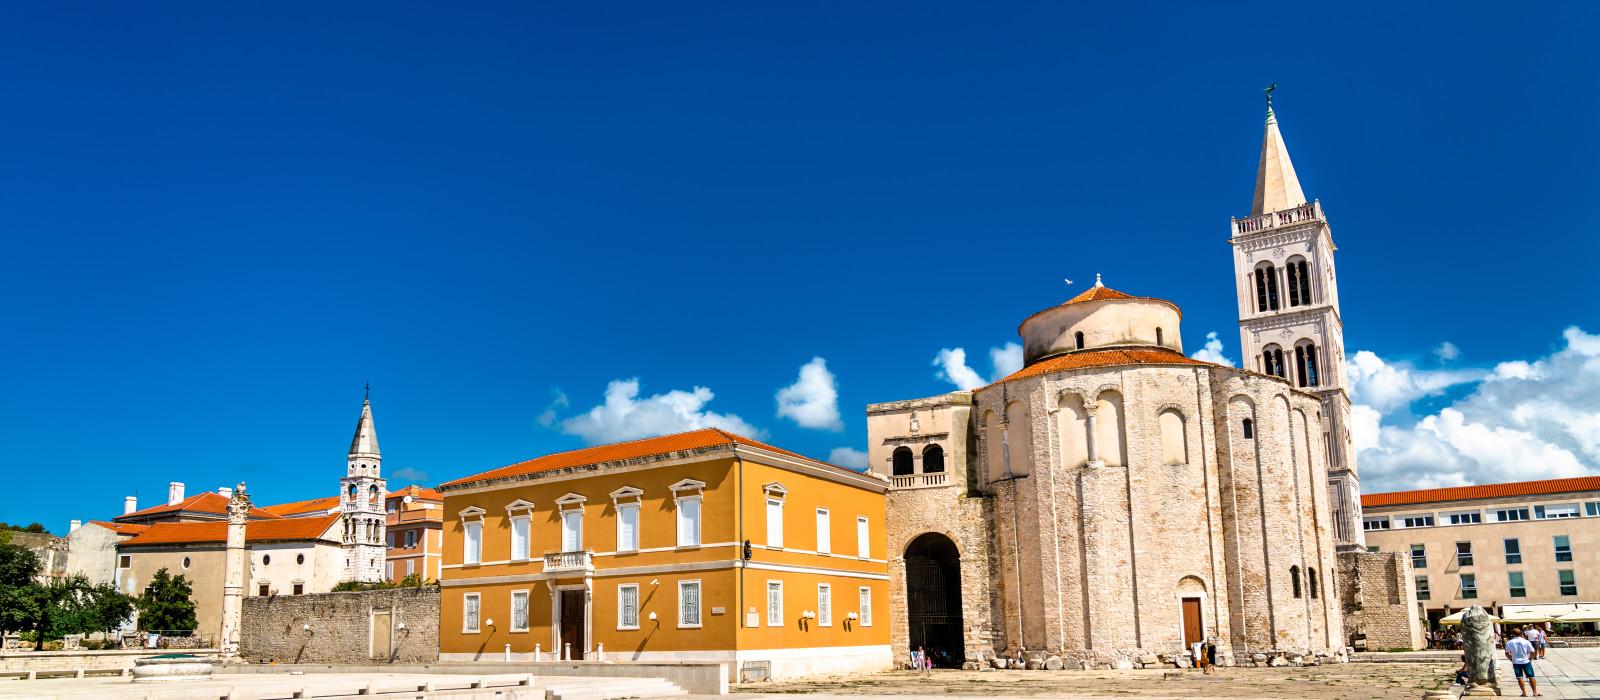 Reiseziel Zadar Kroatien & Slowenien